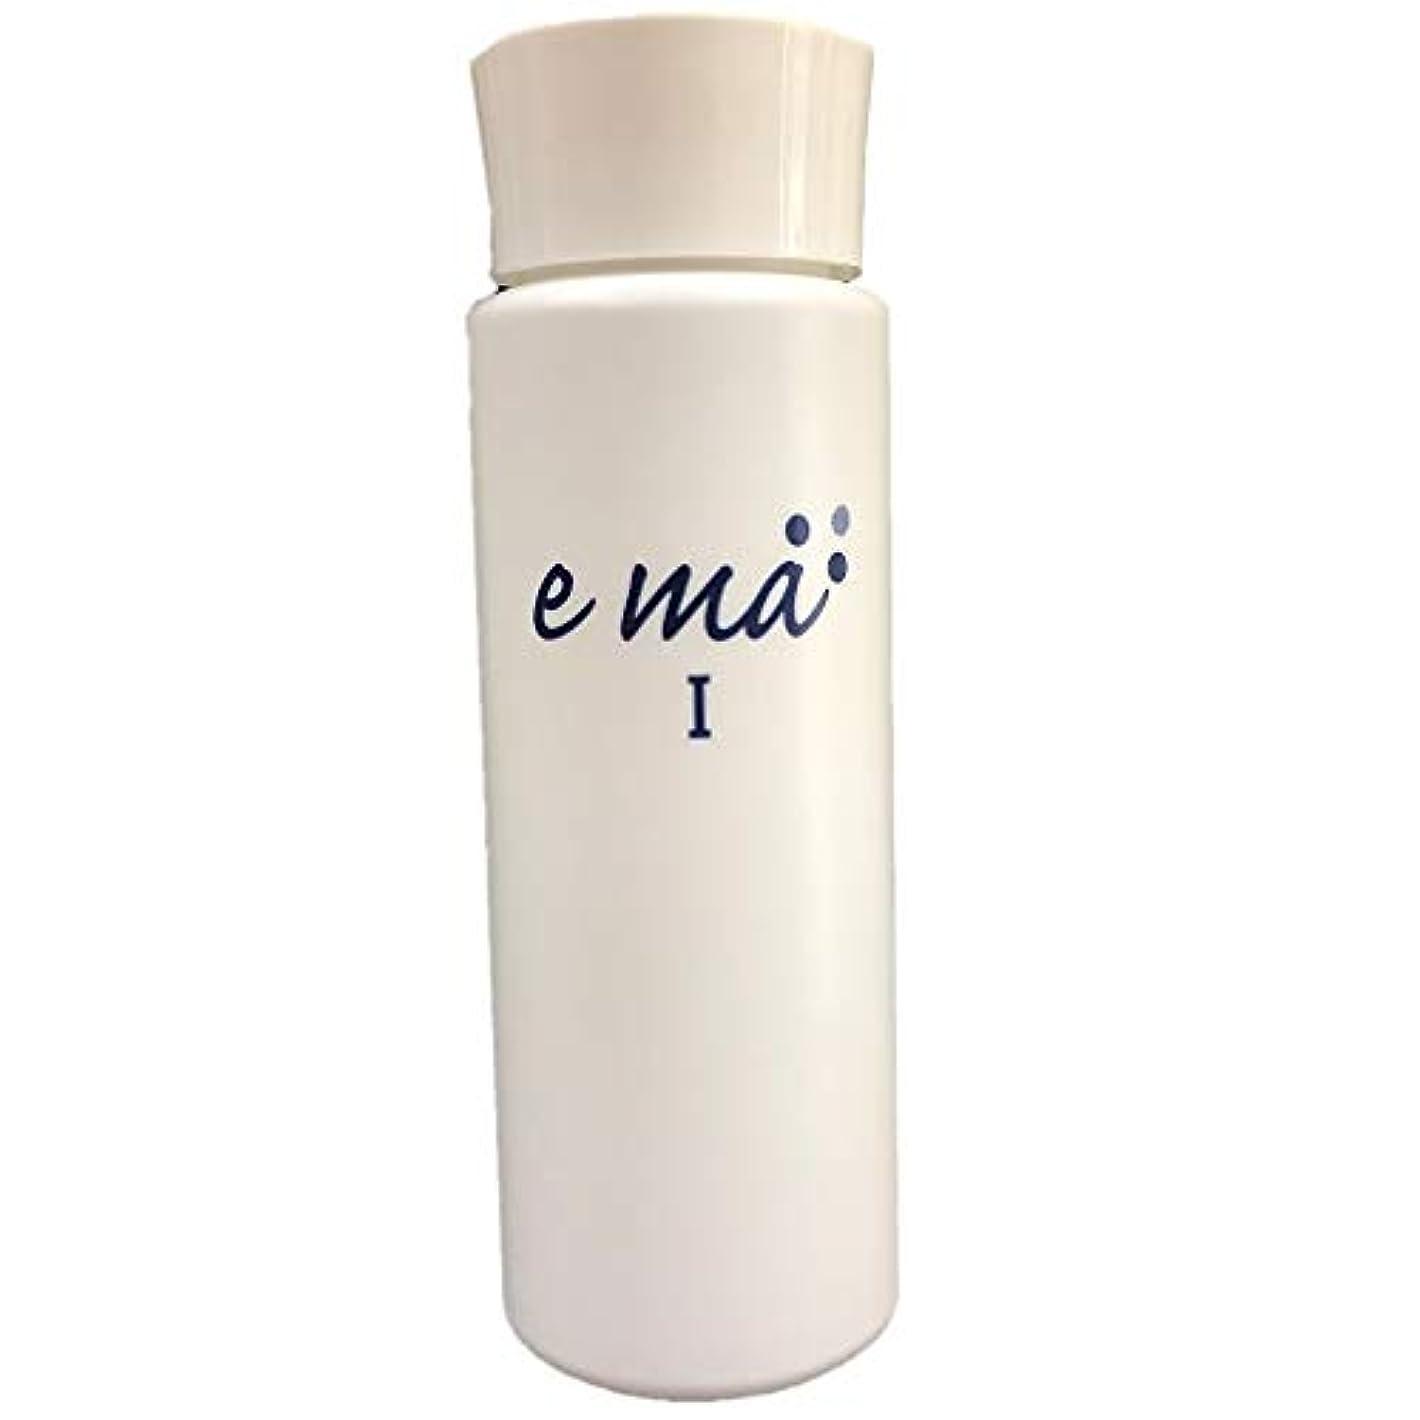 そのような南西打ち上げる【薬用化粧水】 emaⅠ 人気のエマシリーズから薬用美白化粧水 100mL 医薬部外品